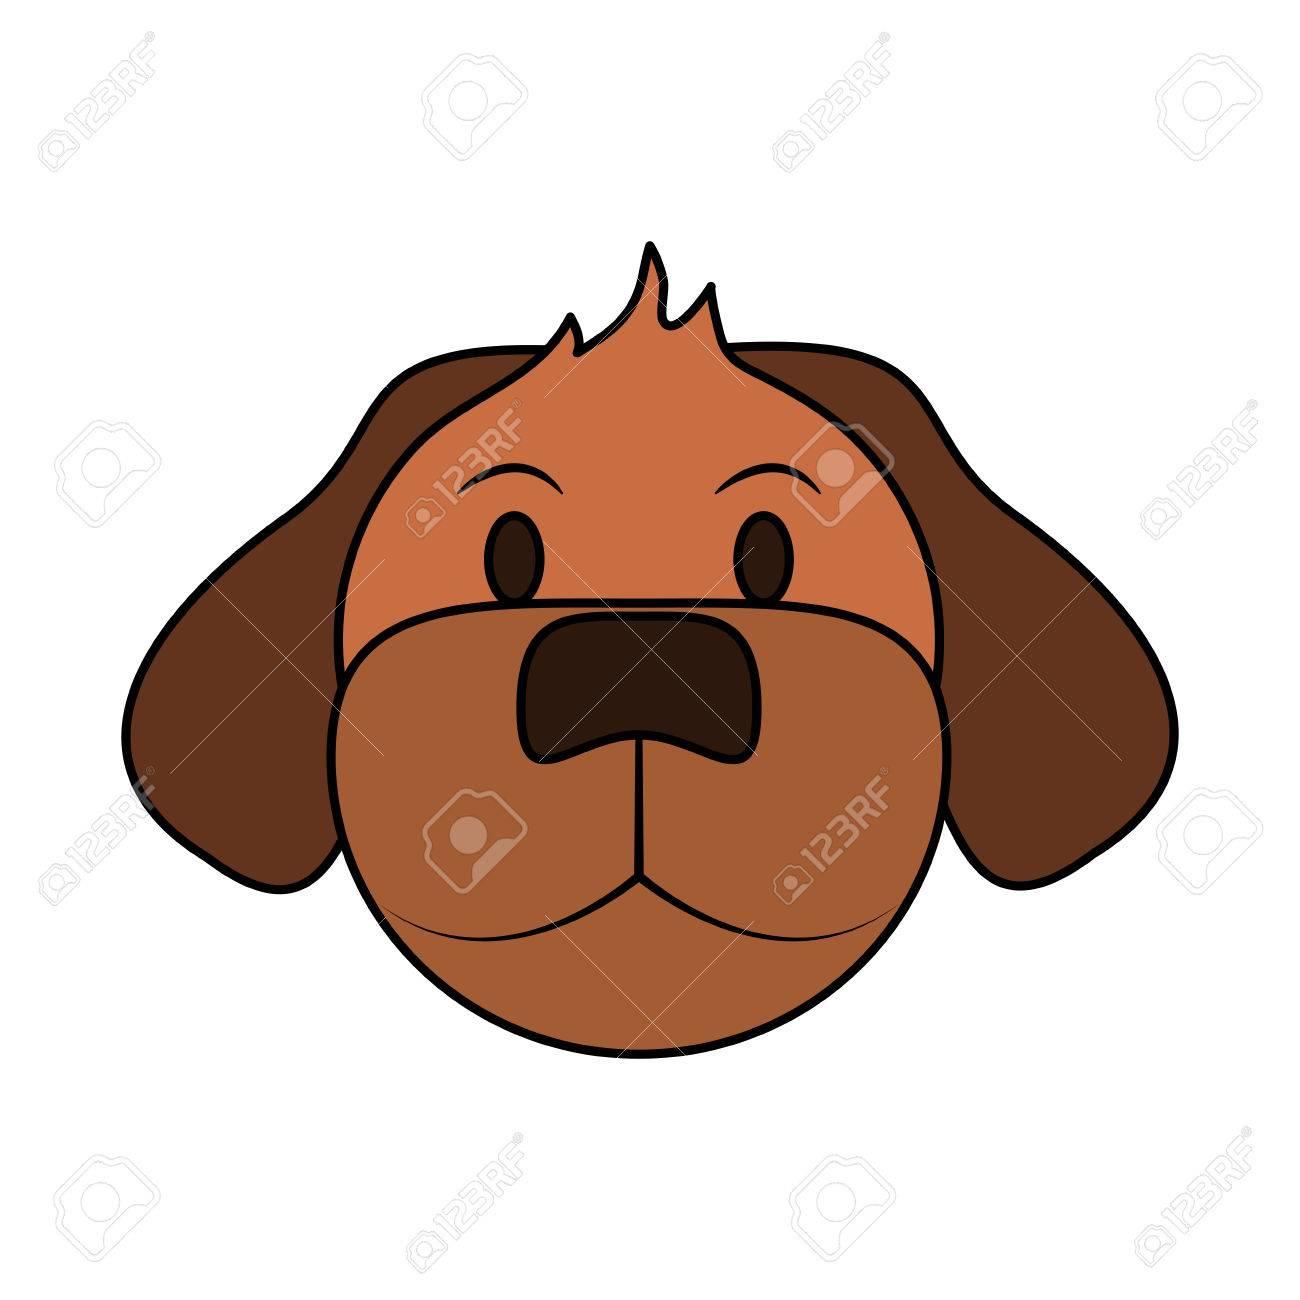 カラー イメージ漫画正面顔犬動物のベクトル イラストのイラスト素材